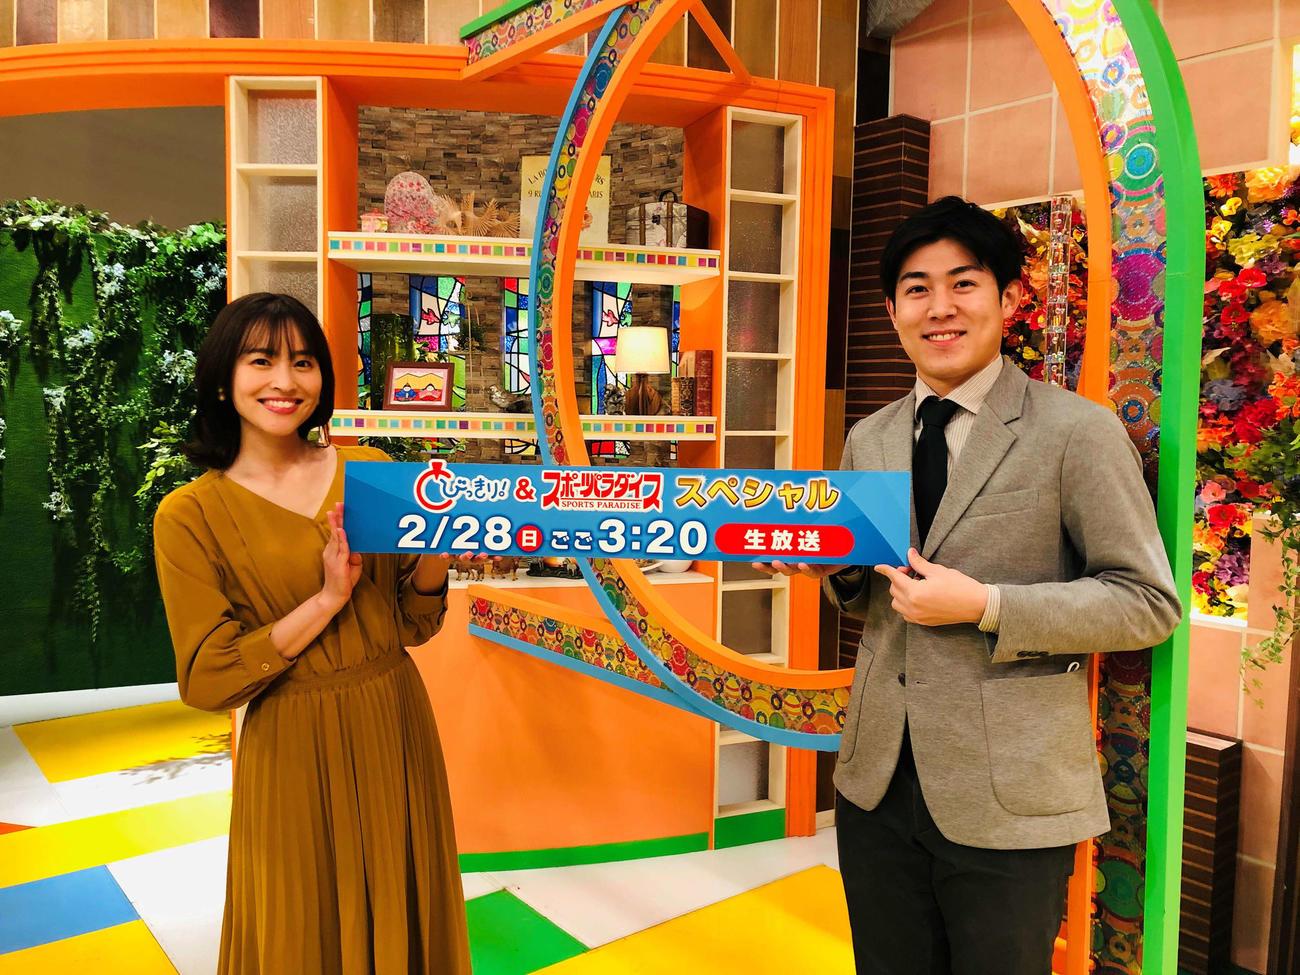 静岡朝日テレビの佐野伶莉アナ(左)と須藤誠人アナは、特別番組「とびっきり&スポパラスペシャル」をPR